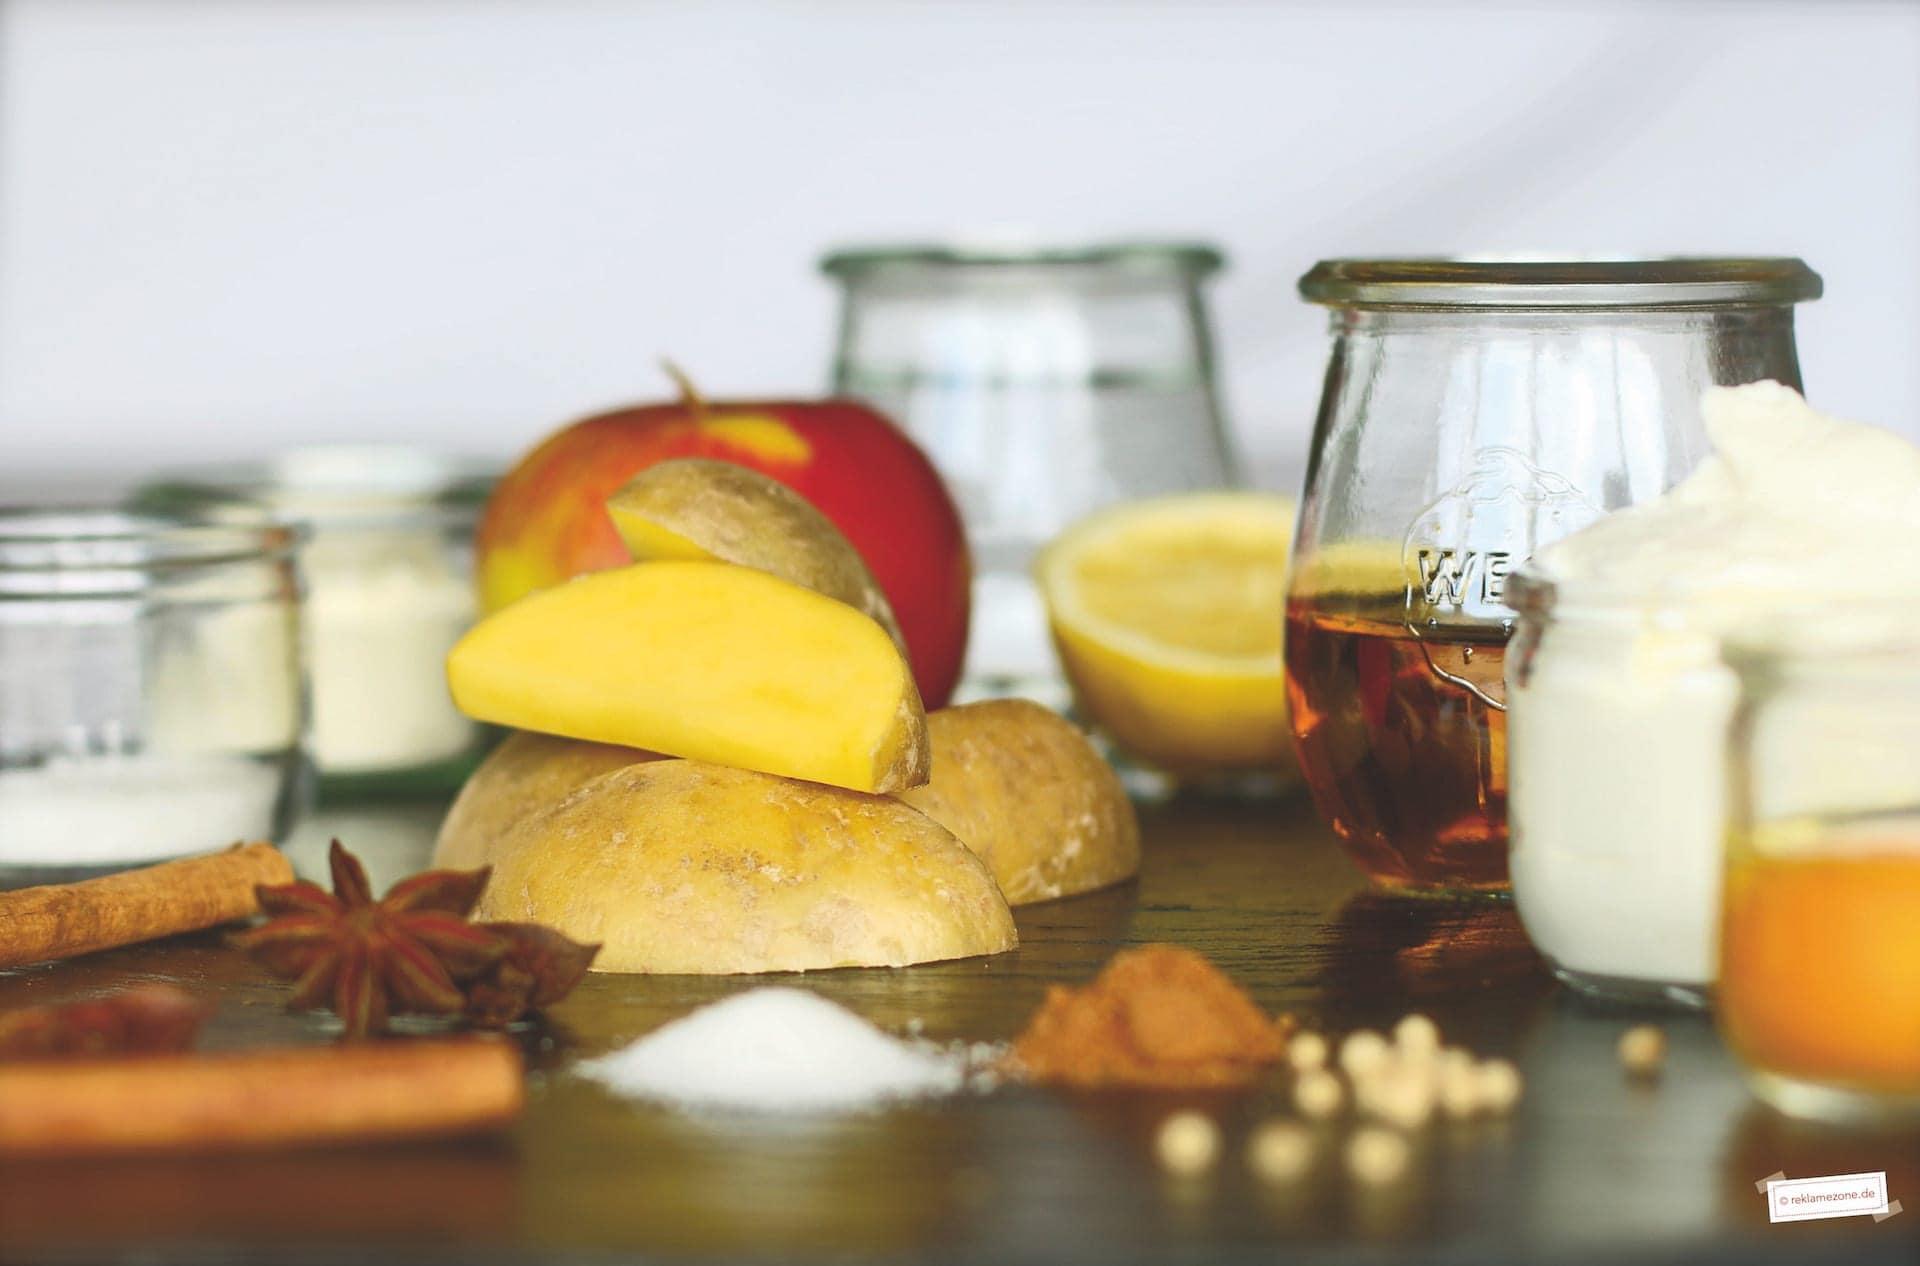 Geheirade mit selbstgemachtem Apfelmus - Foto: reklamezone.de